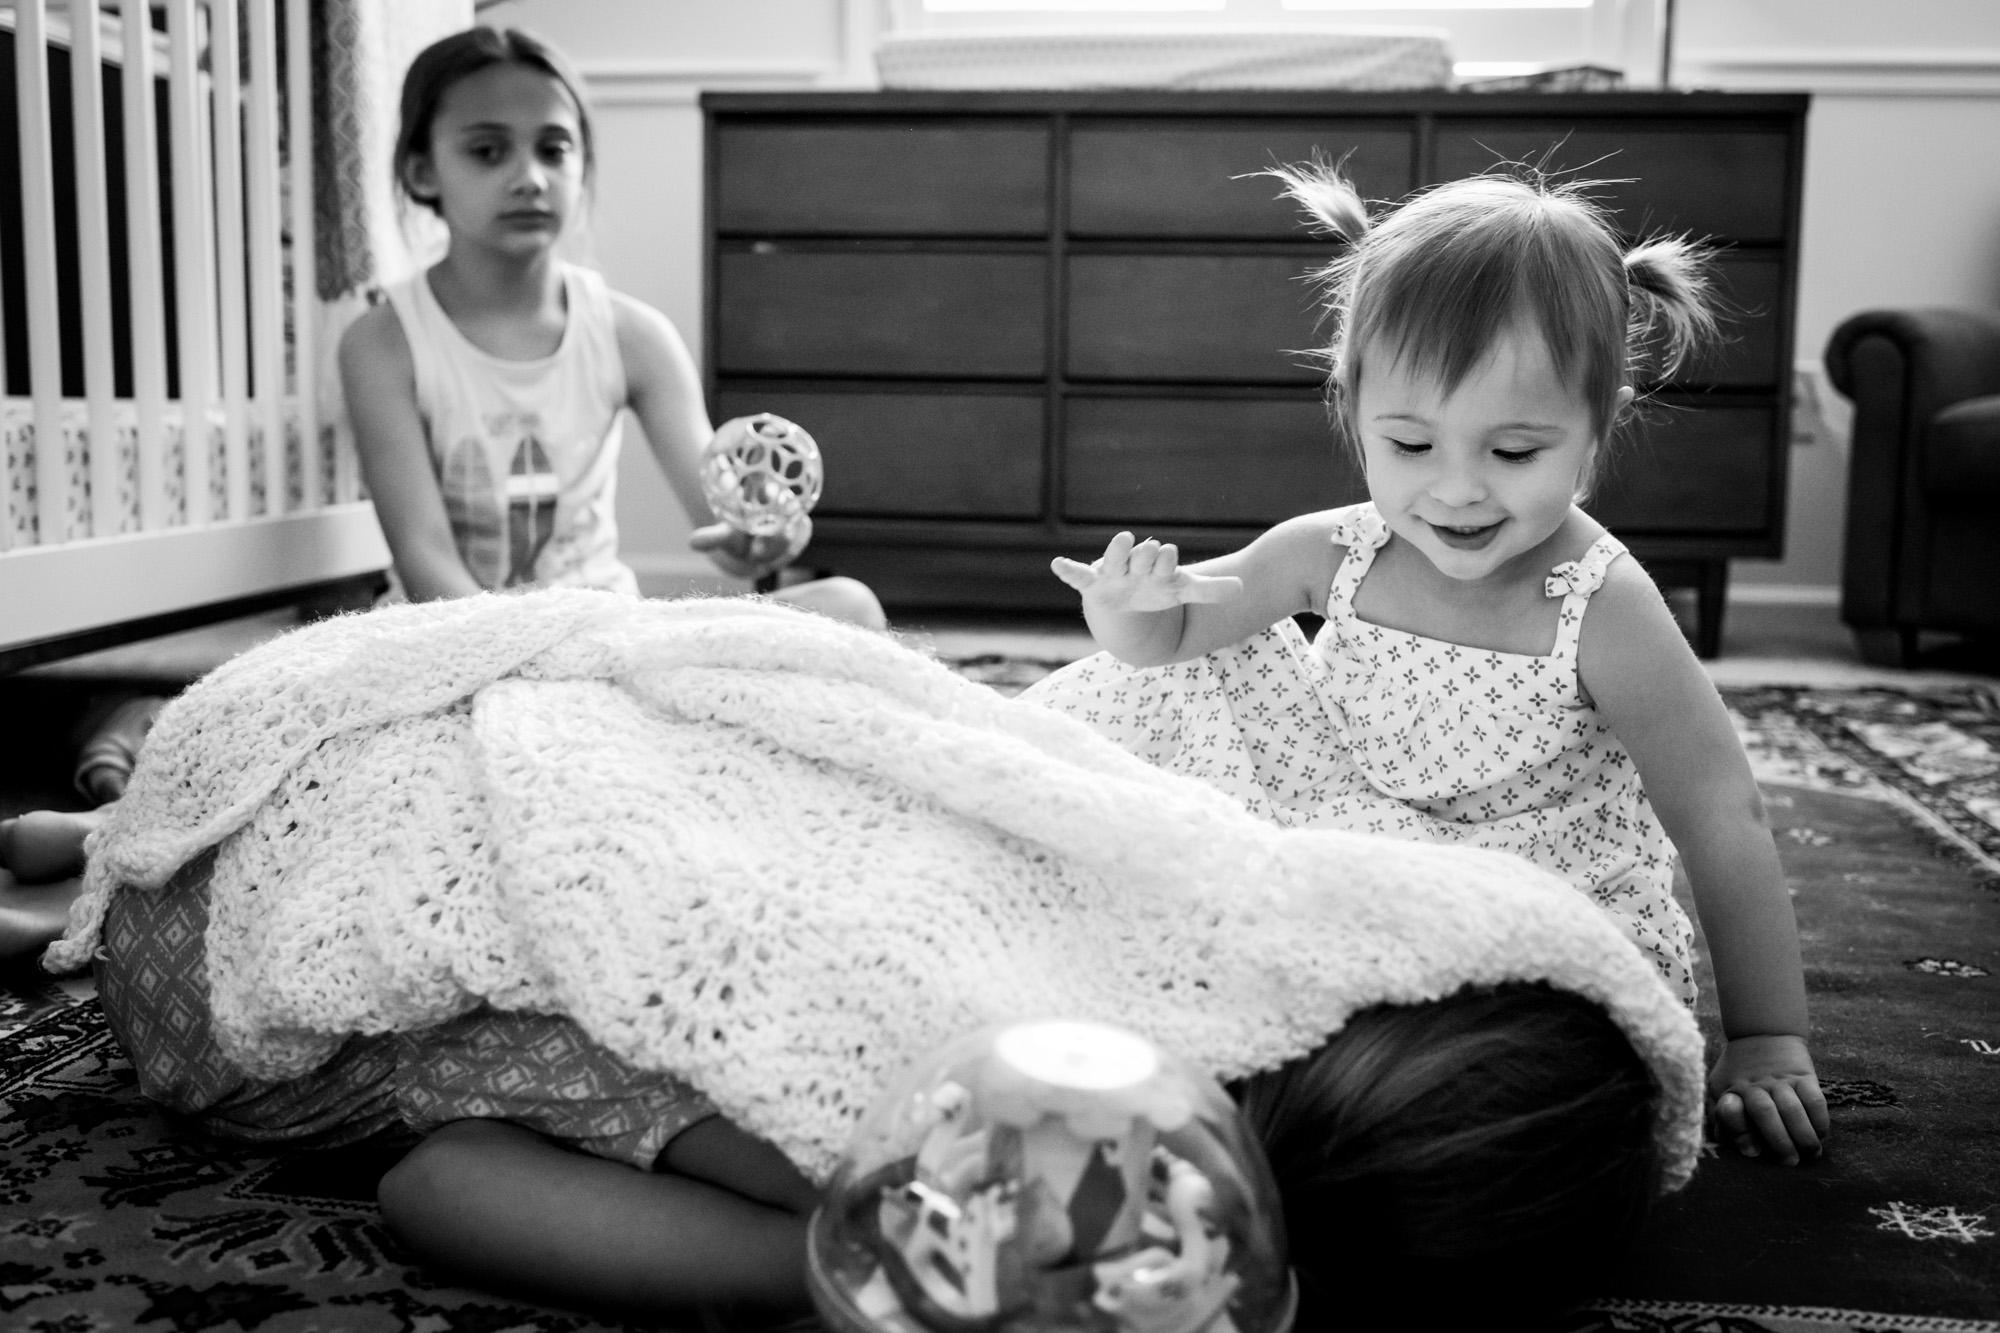 jacksonville-family-photography-11.jpg